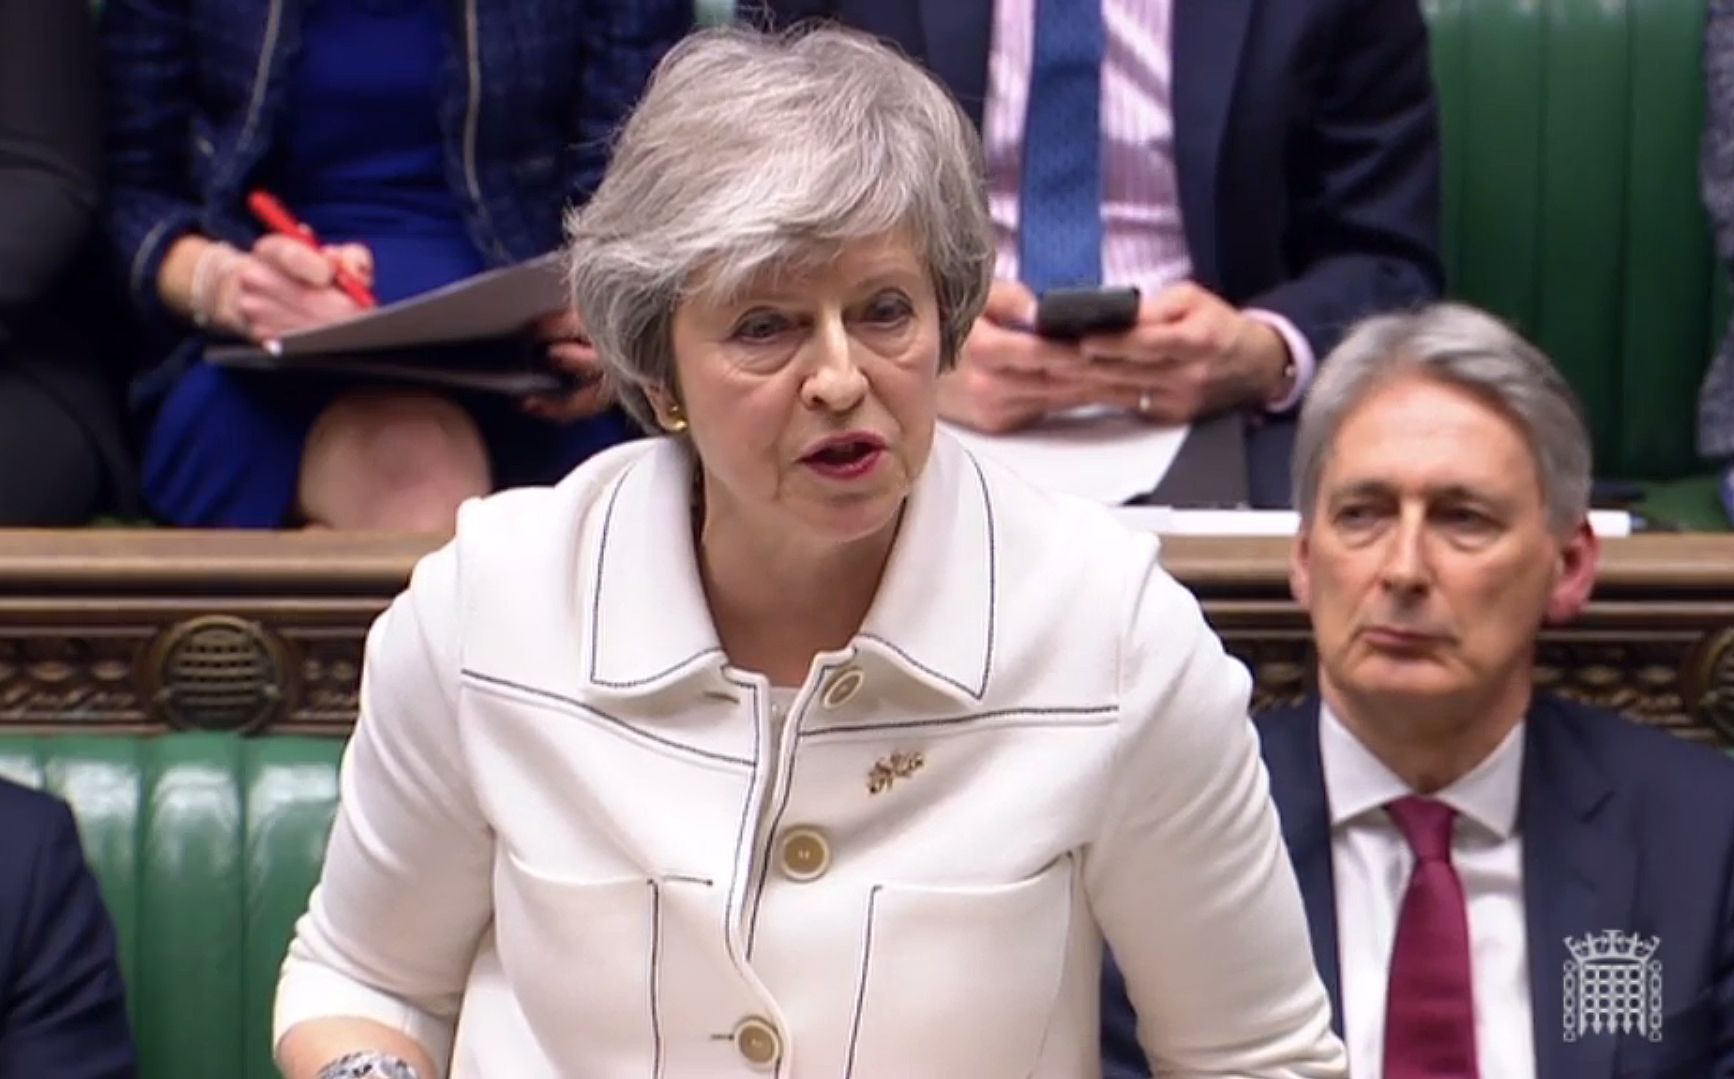 el la hora Parlamento Brexitla en británico verdad de PiuZkX